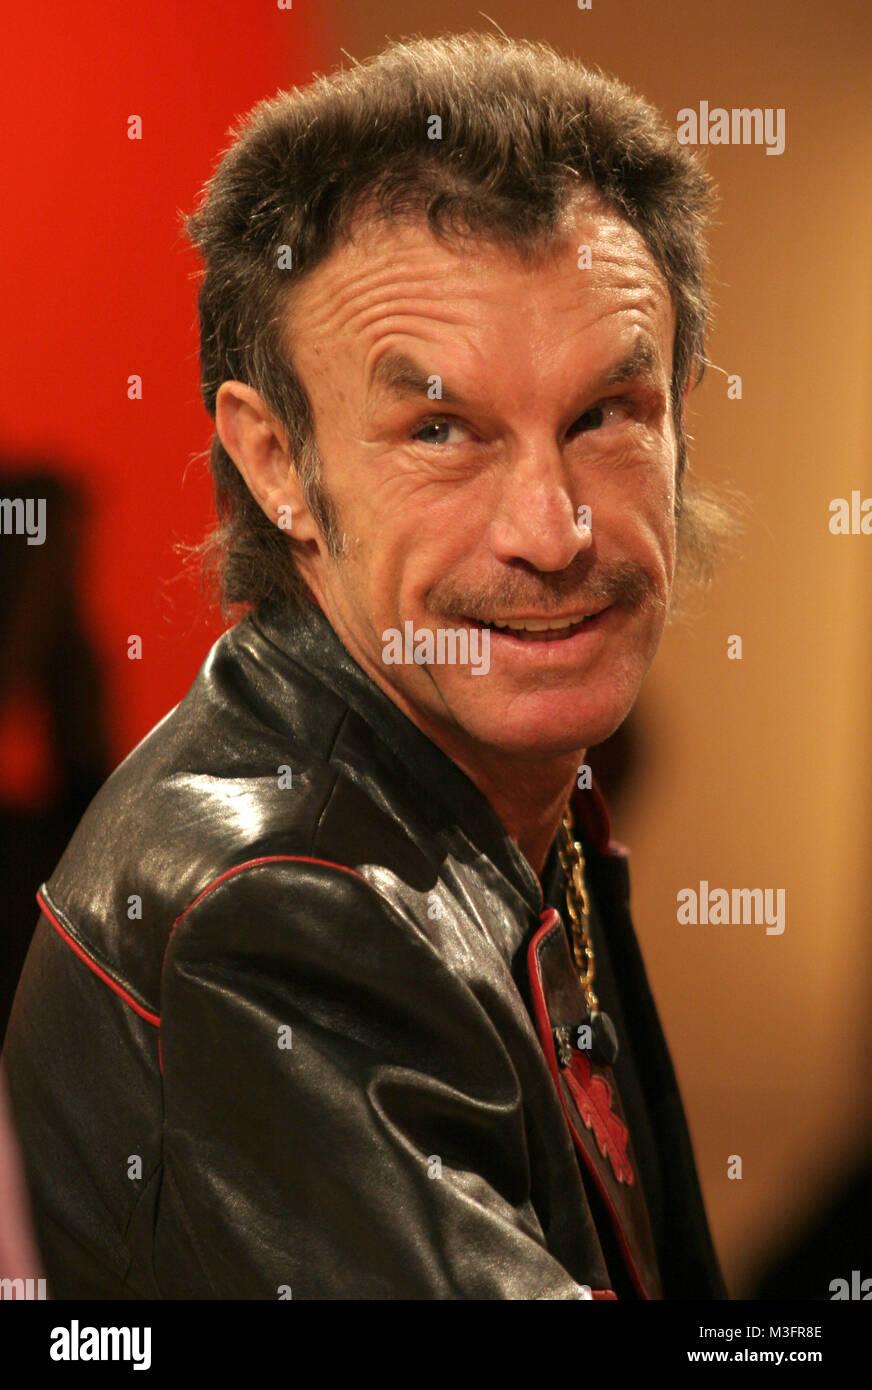 Aktuelle Schaubude vom 03.03.2006, Ex-Box-Profi René Weller verklagt Guenther Jauch. Senneur en Fernsehsendung Photo Stock